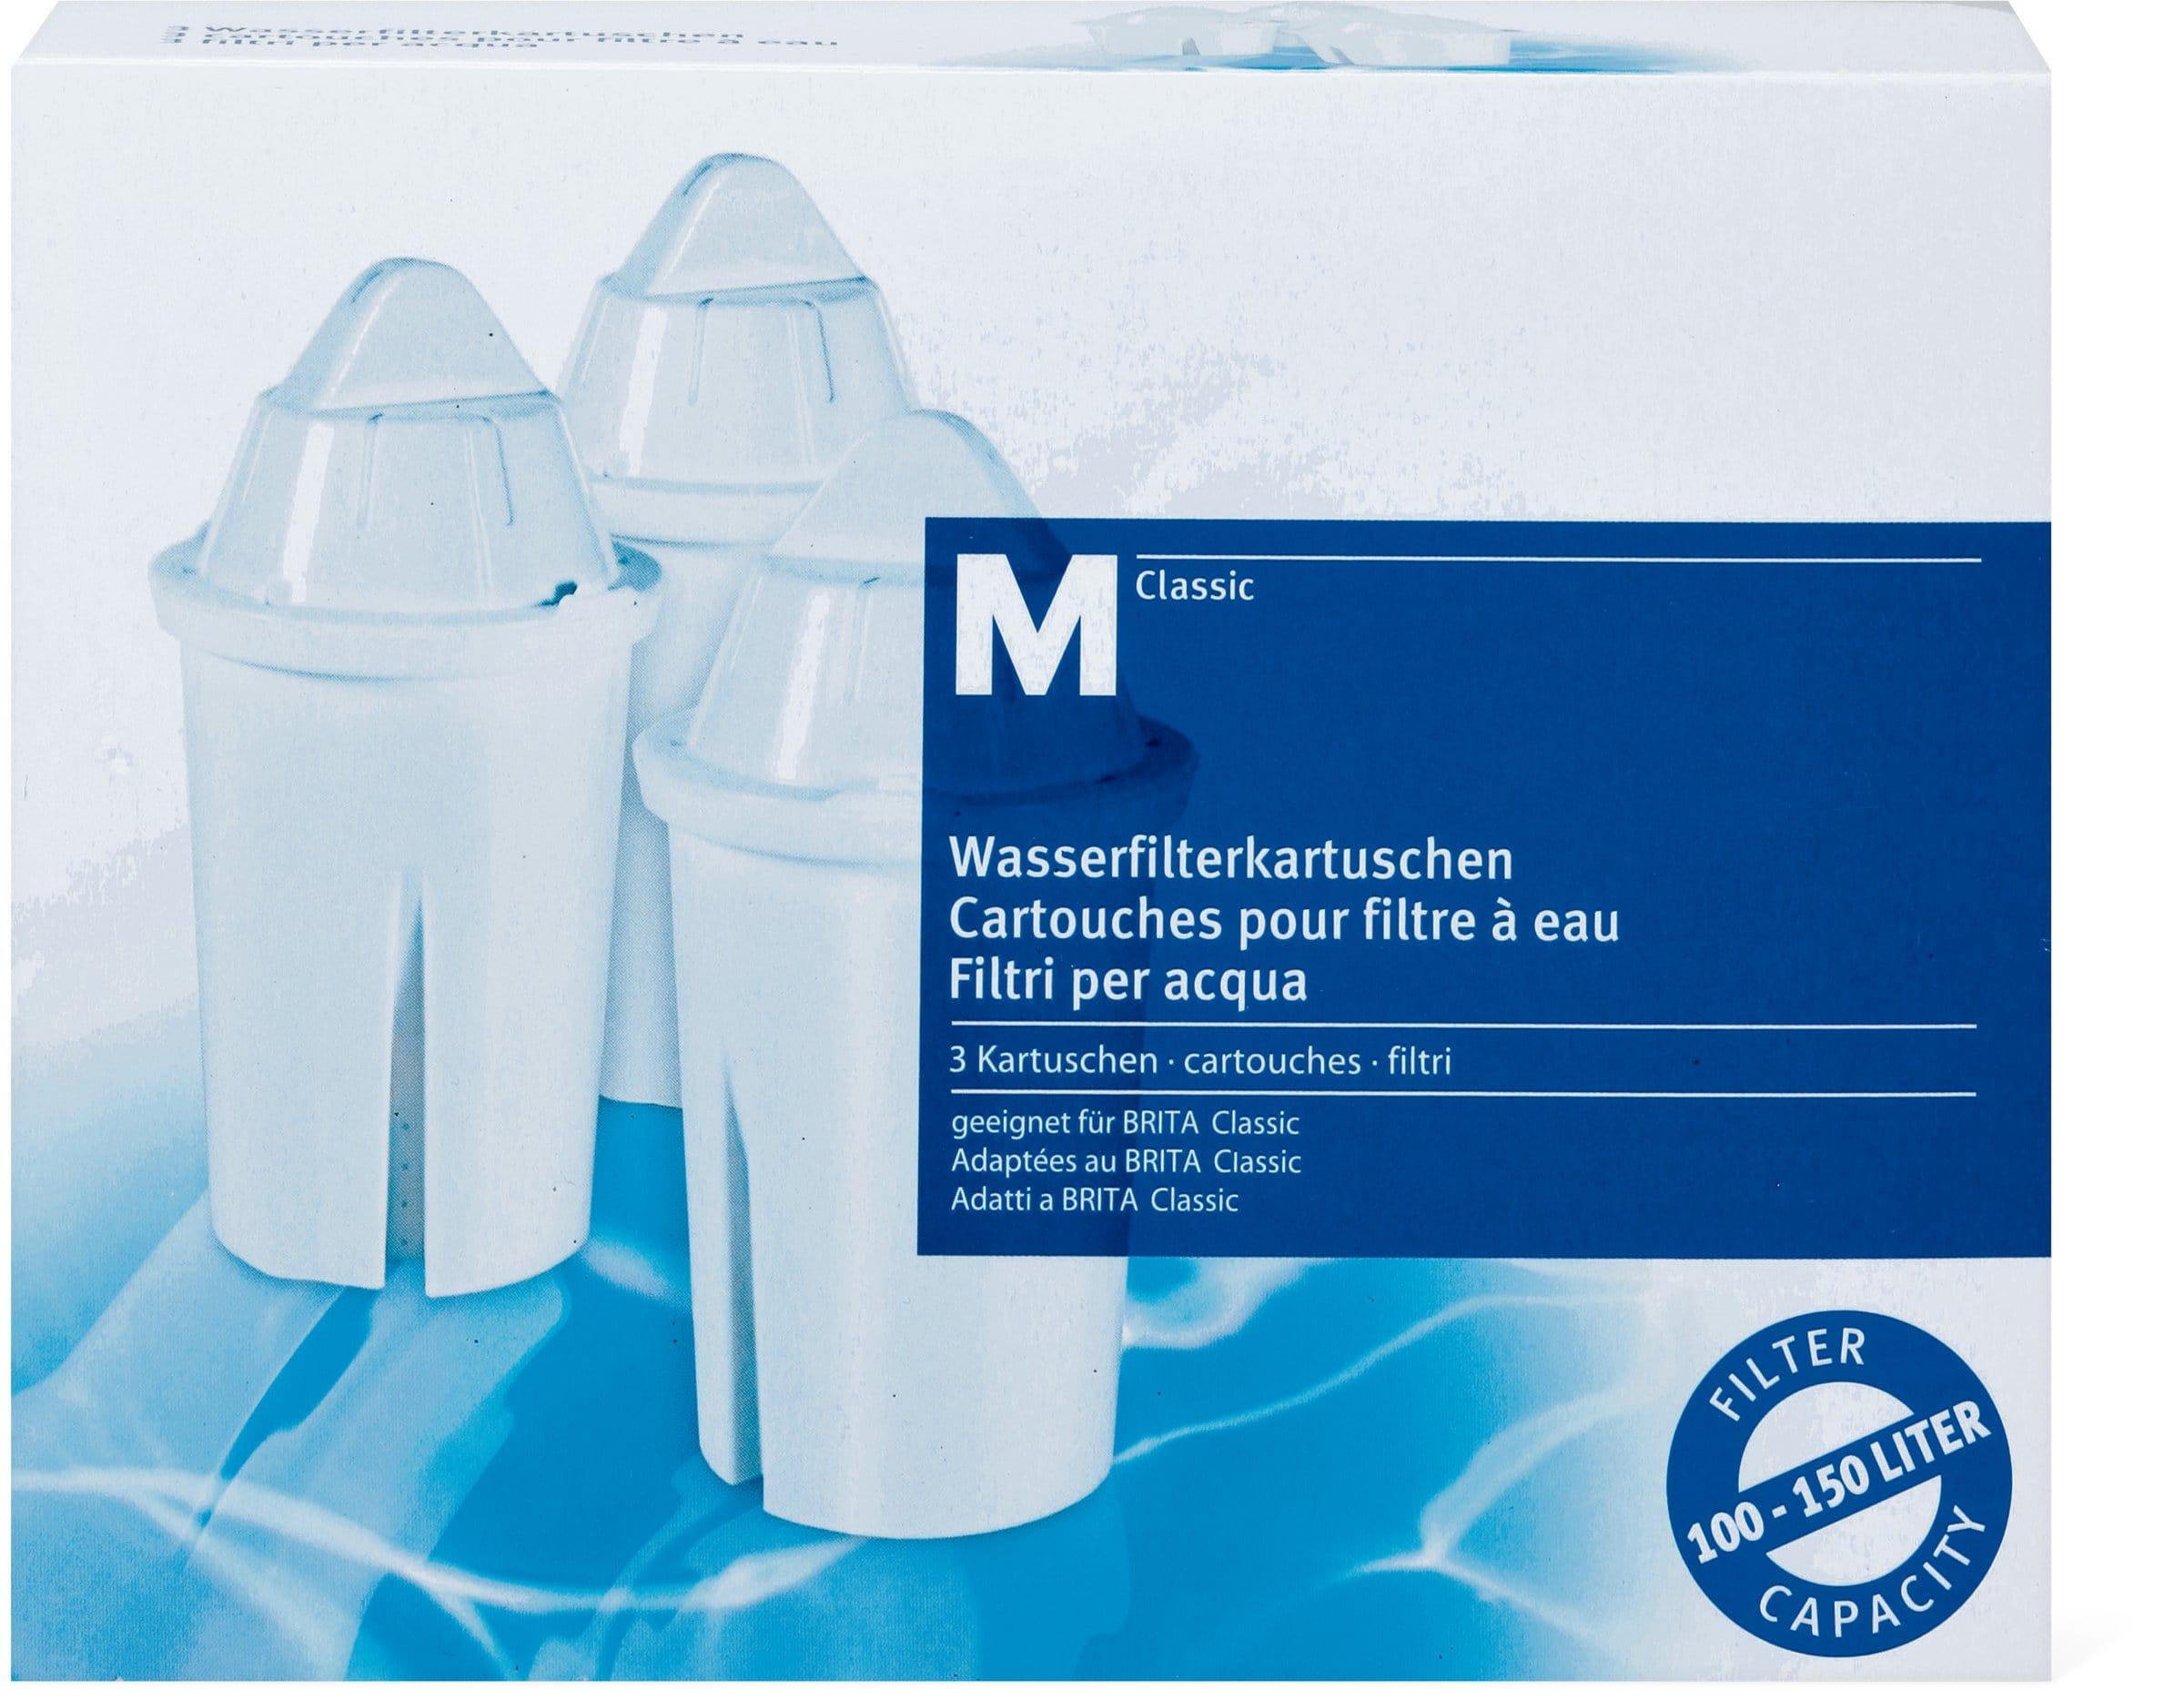 M-Classic Filtri per acqua